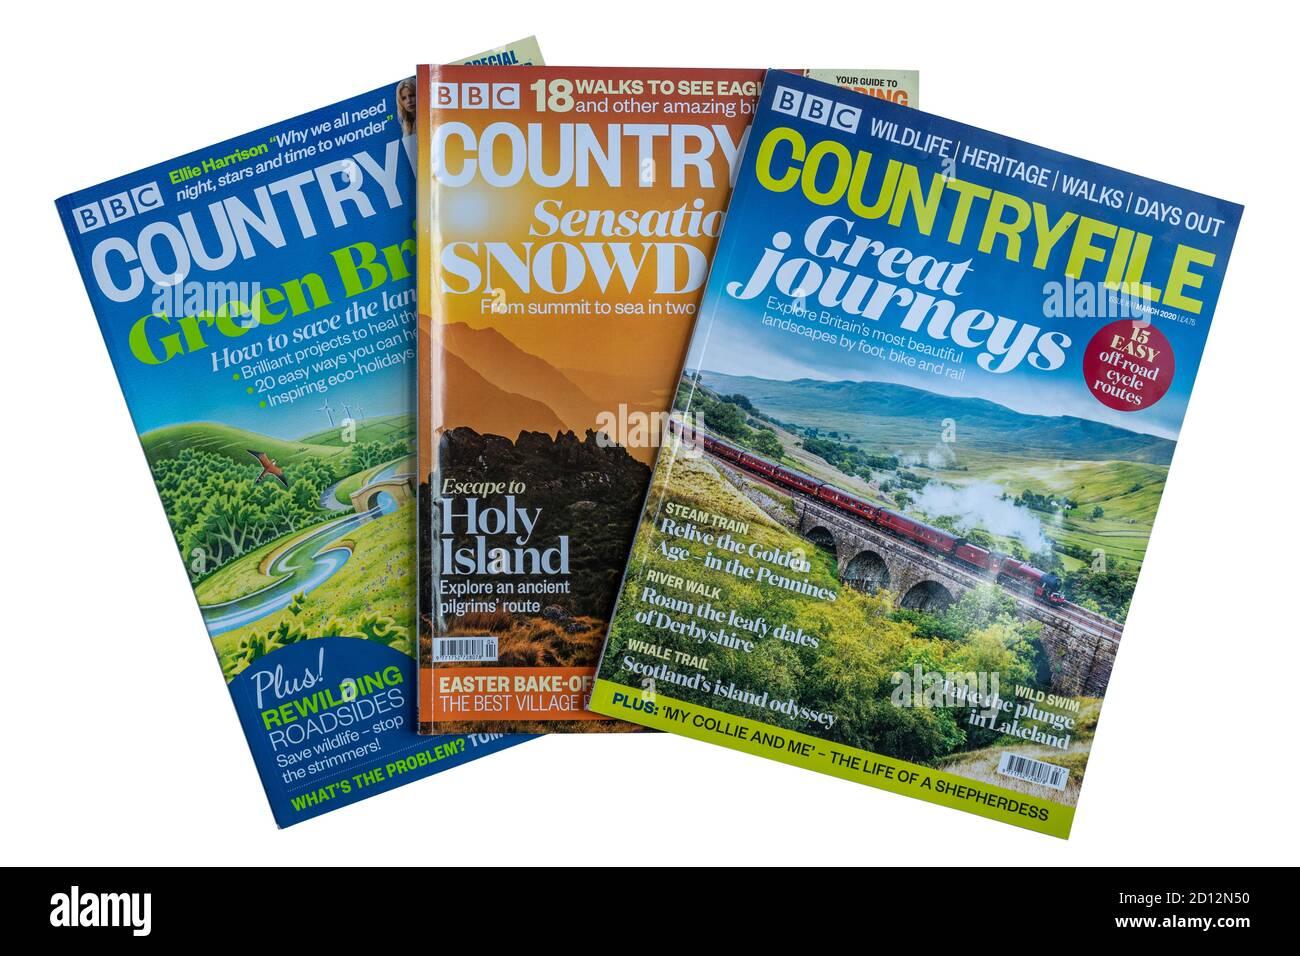 BBC Countryfile magazines on white background, UK publications Stock Photo